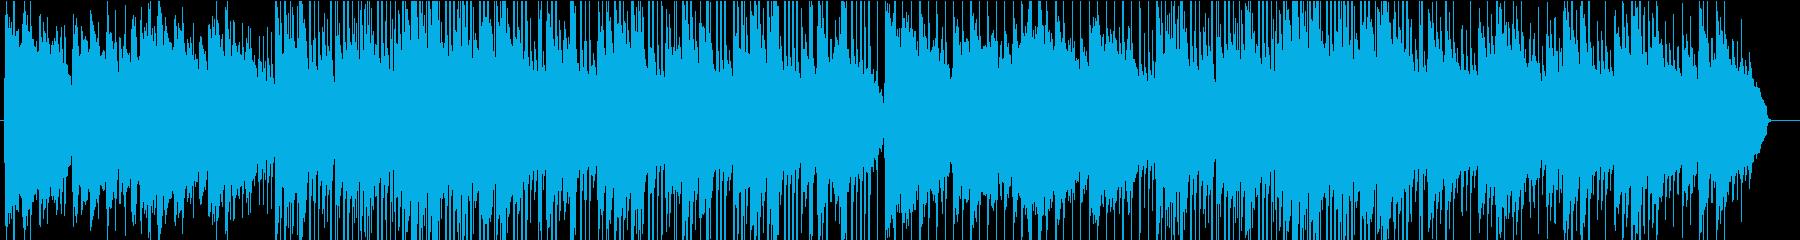 【和風】ほのぼのとした夏の日ヒップホップの再生済みの波形